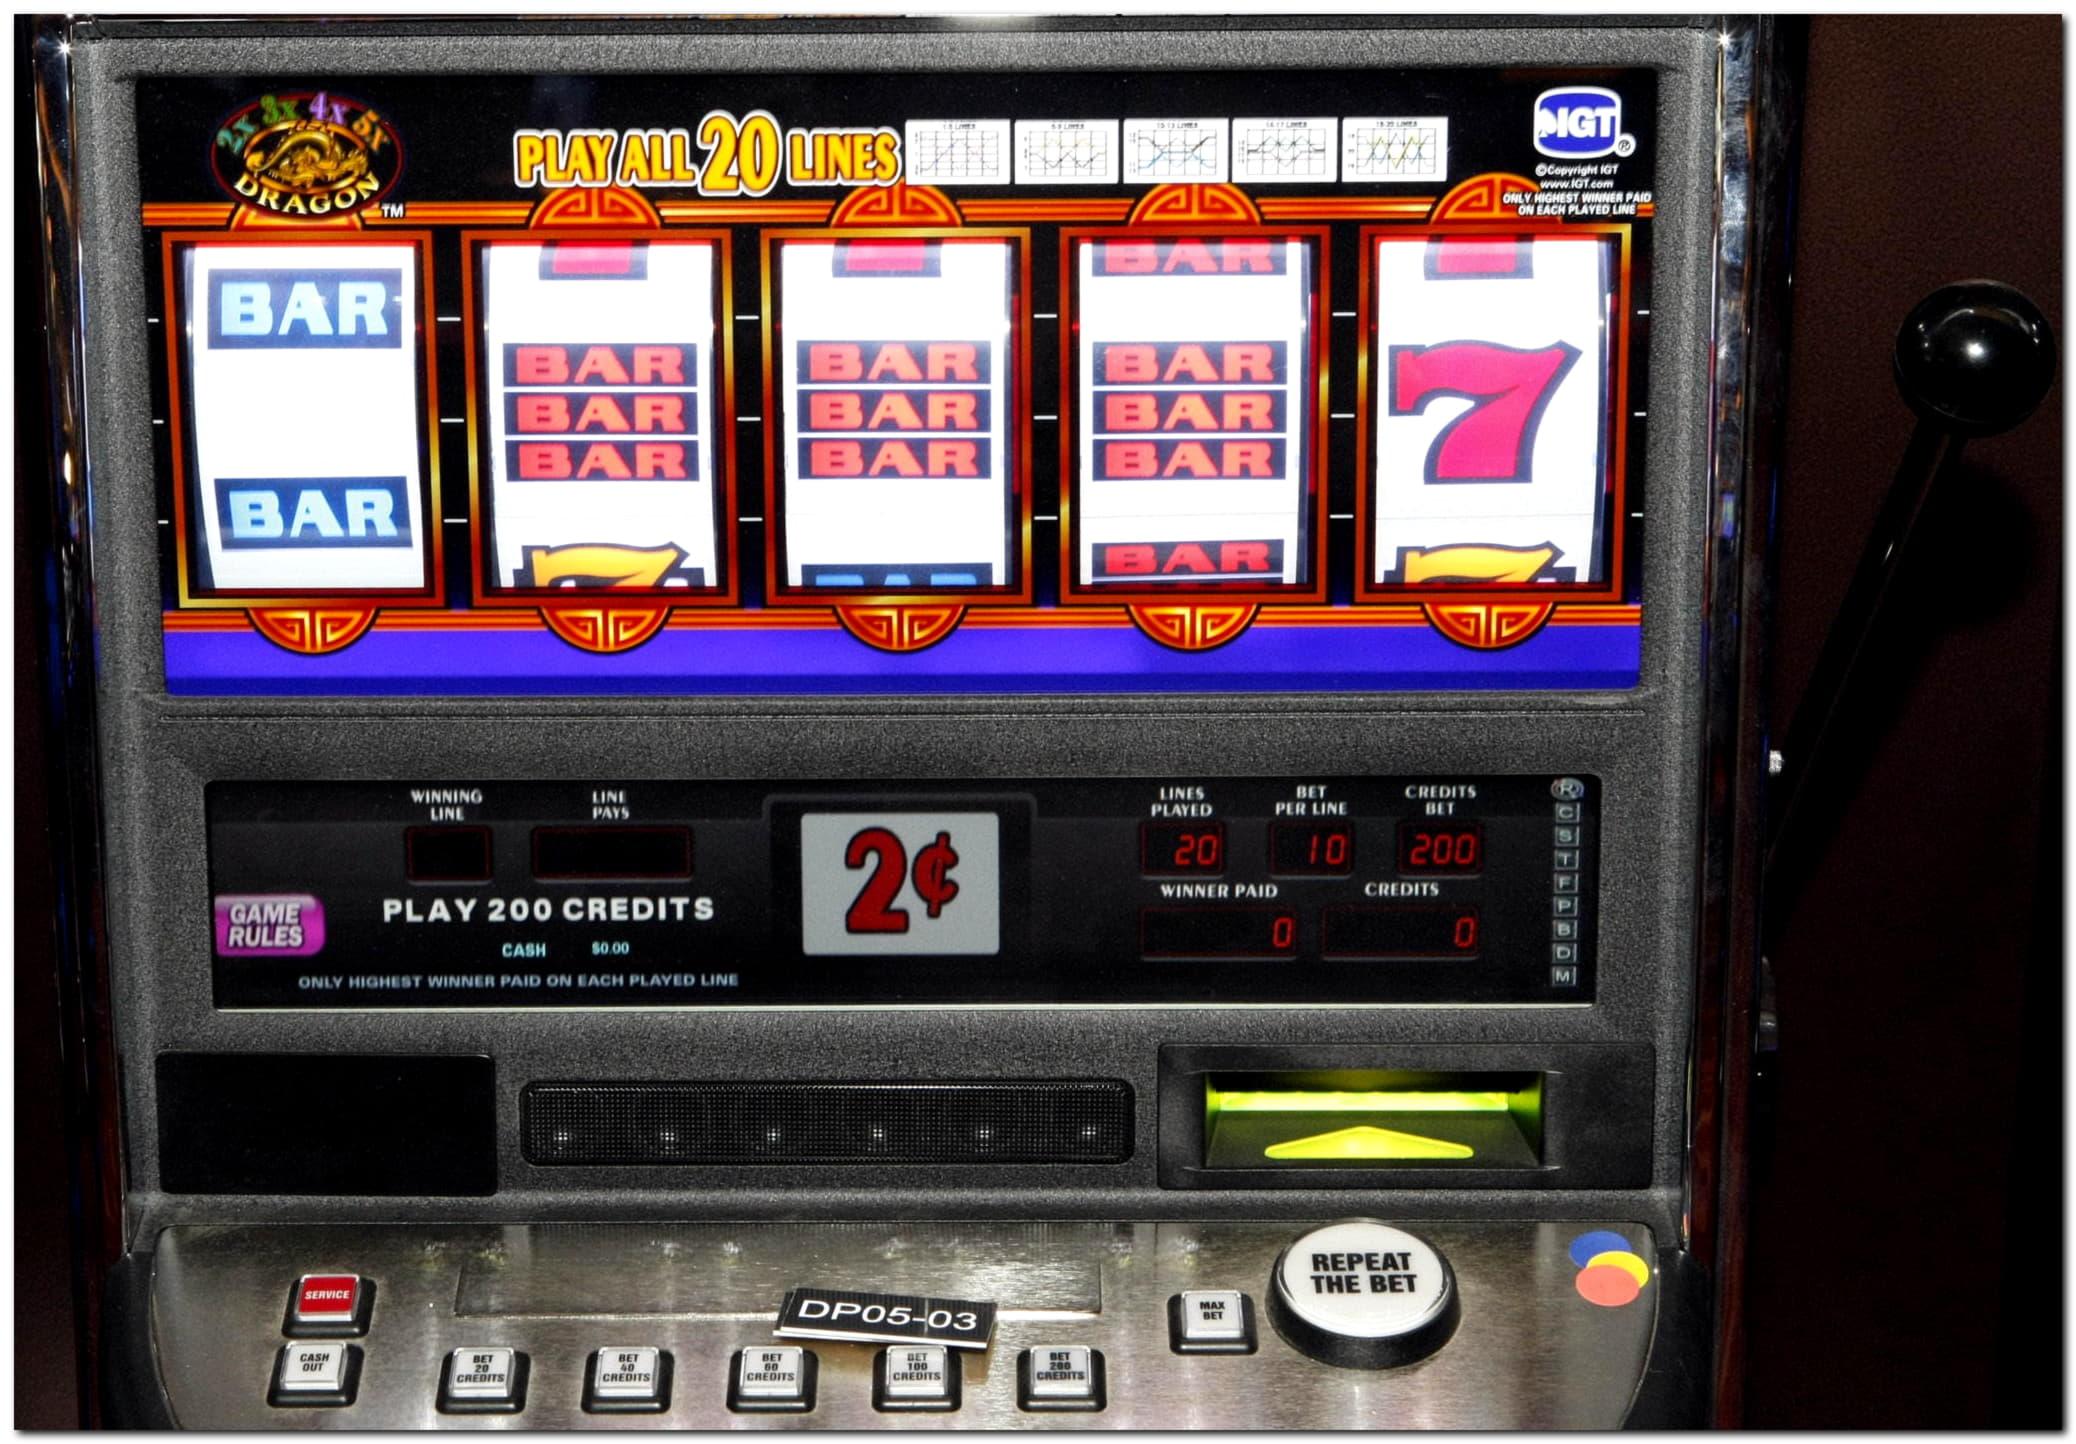 11無料カジノがBet At Home Casinoでスピン